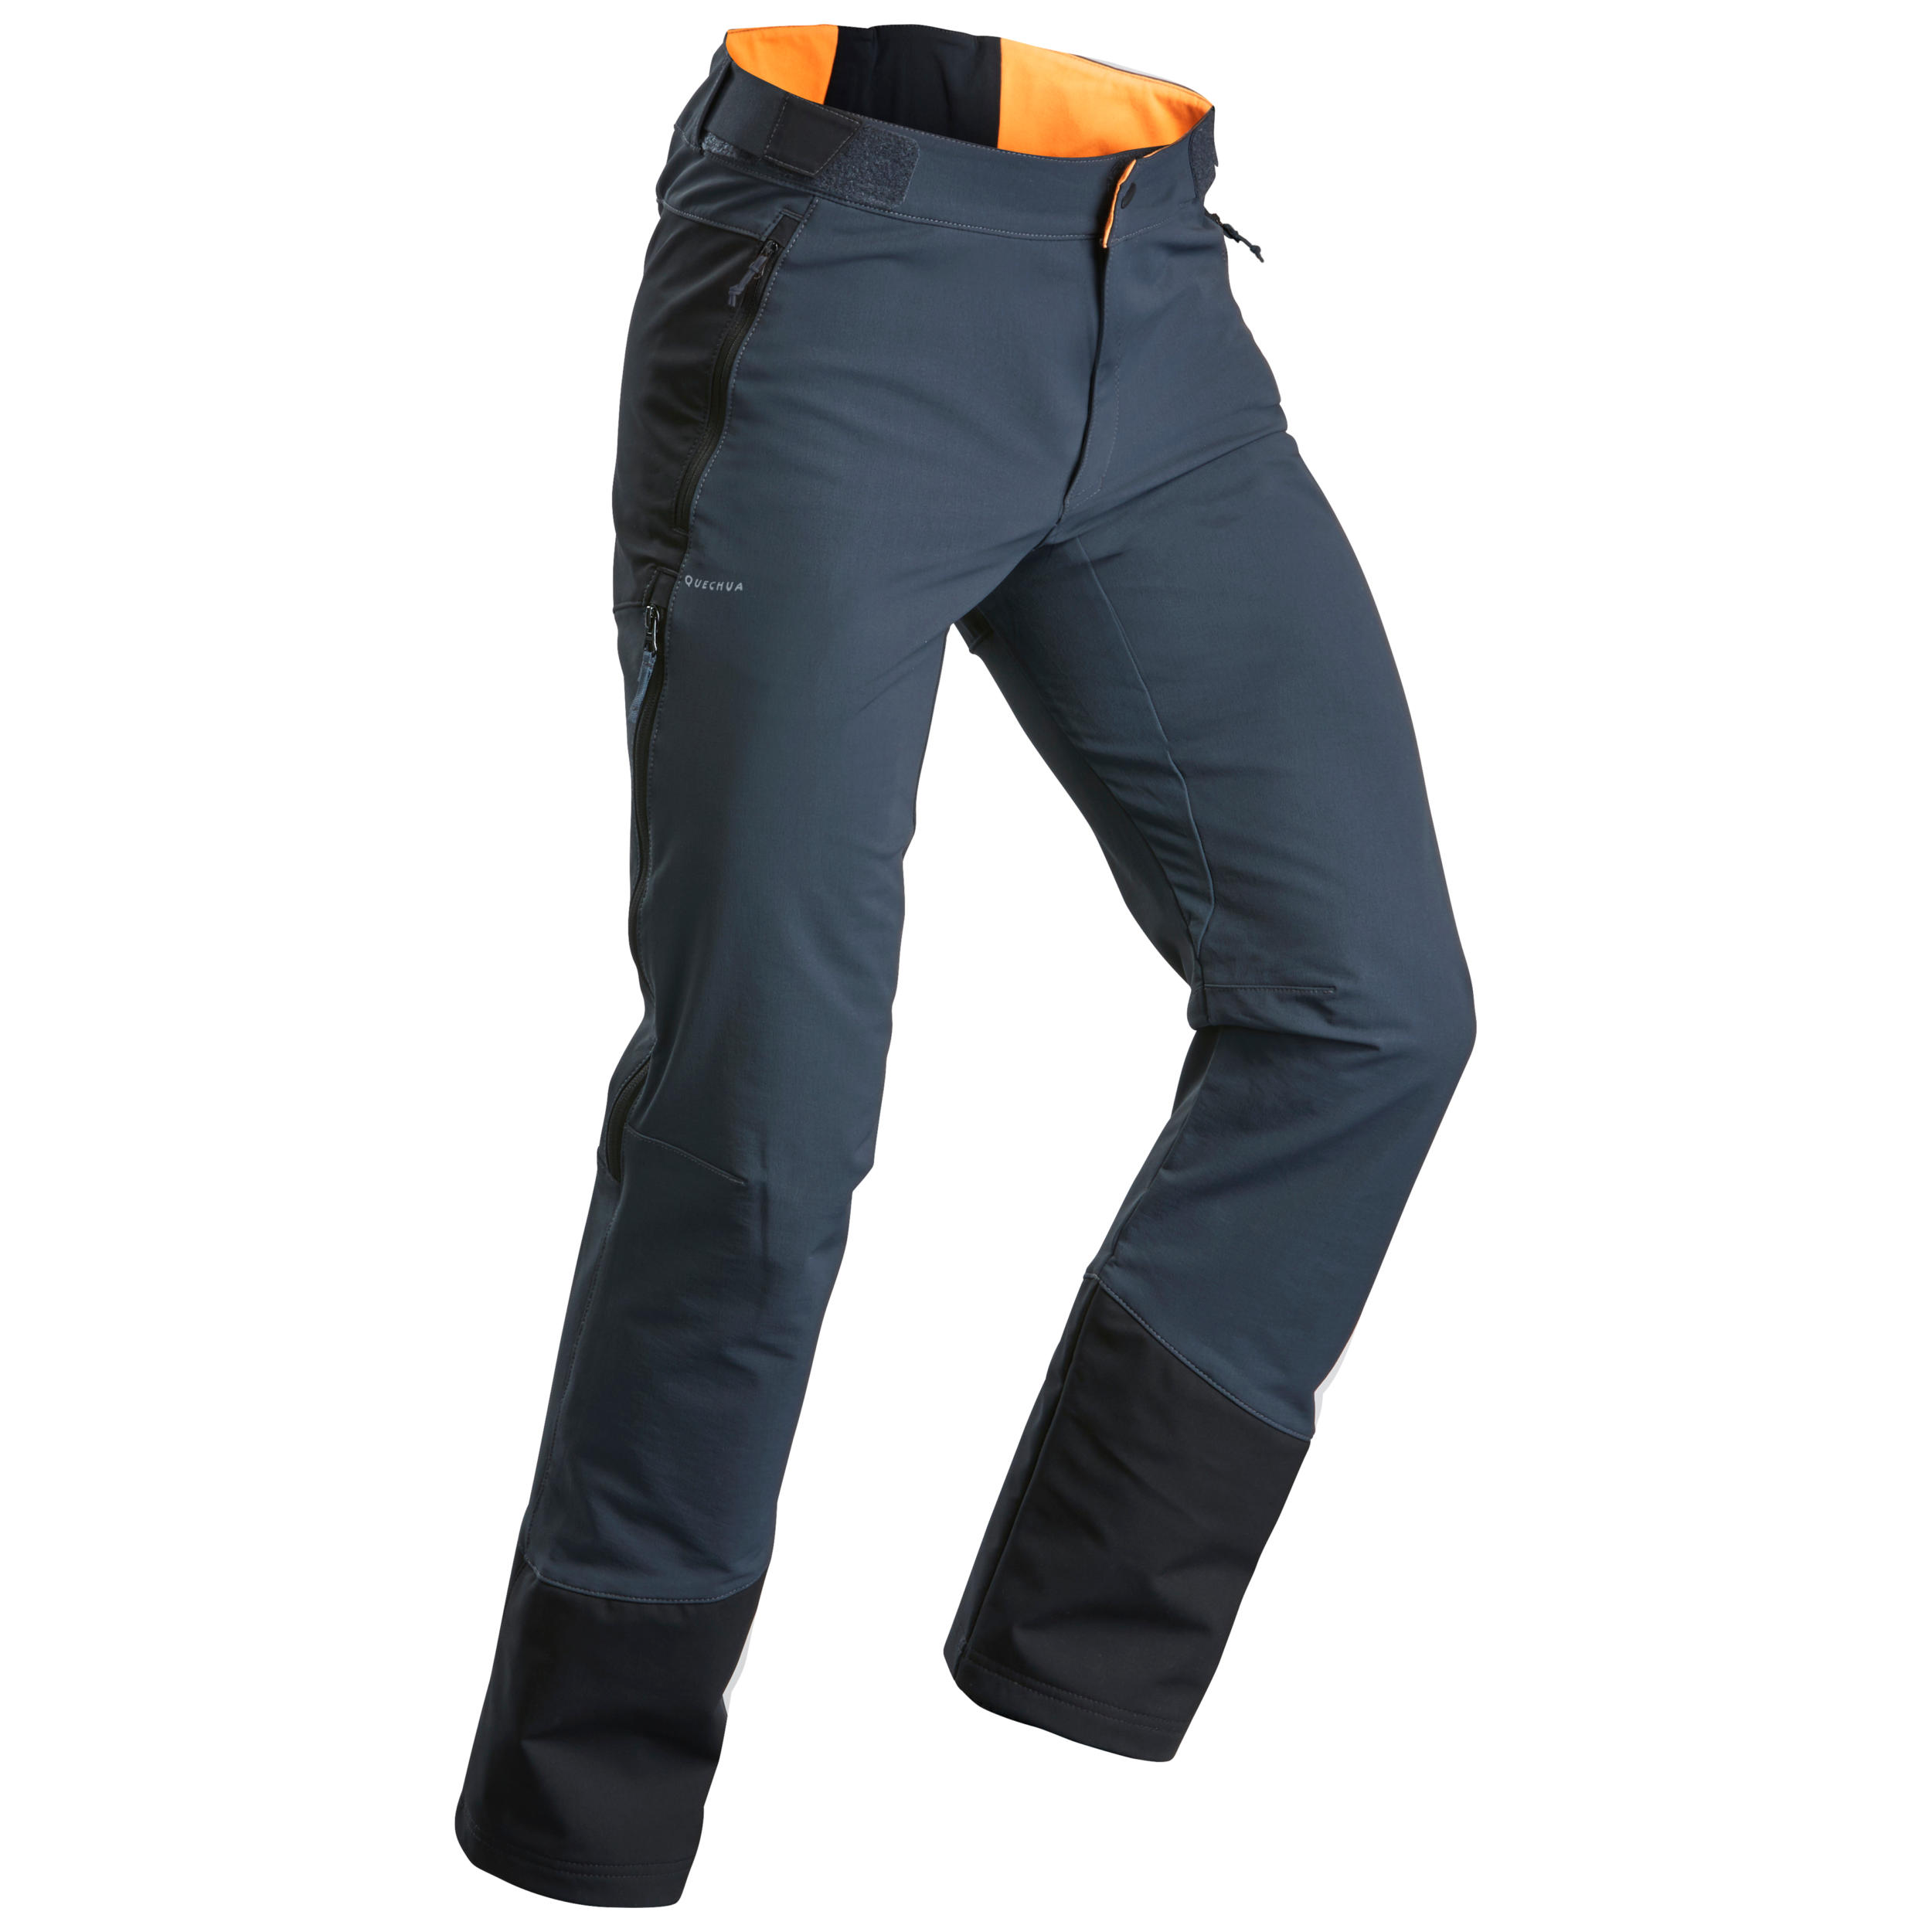 Pantalon SH520 X-Warm Bărbaţi imagine